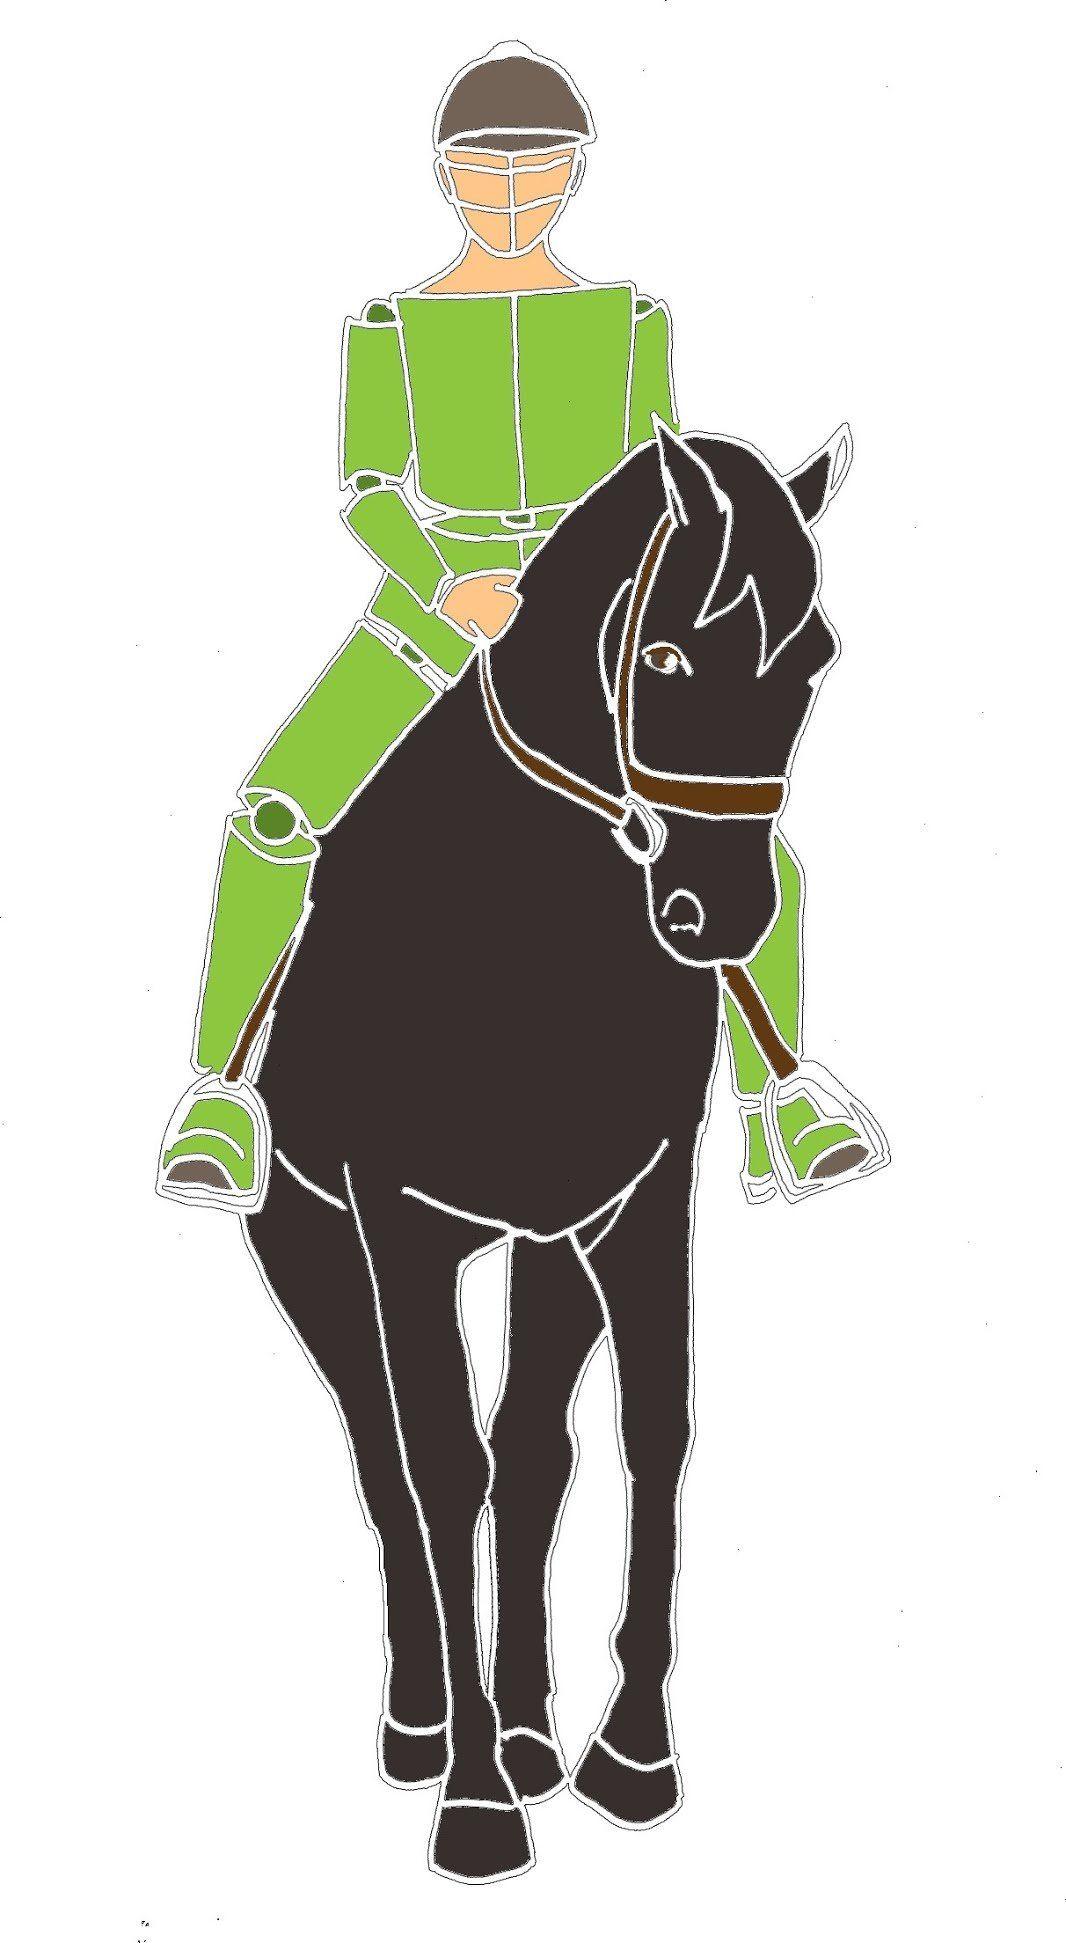 Heute kam die Frage auf, weshalb einige Ausbilder meinen, dass der Galopp erst wenn das Pferd Renvers und Travers sicher beherrscht, erarbeitet werden soll.